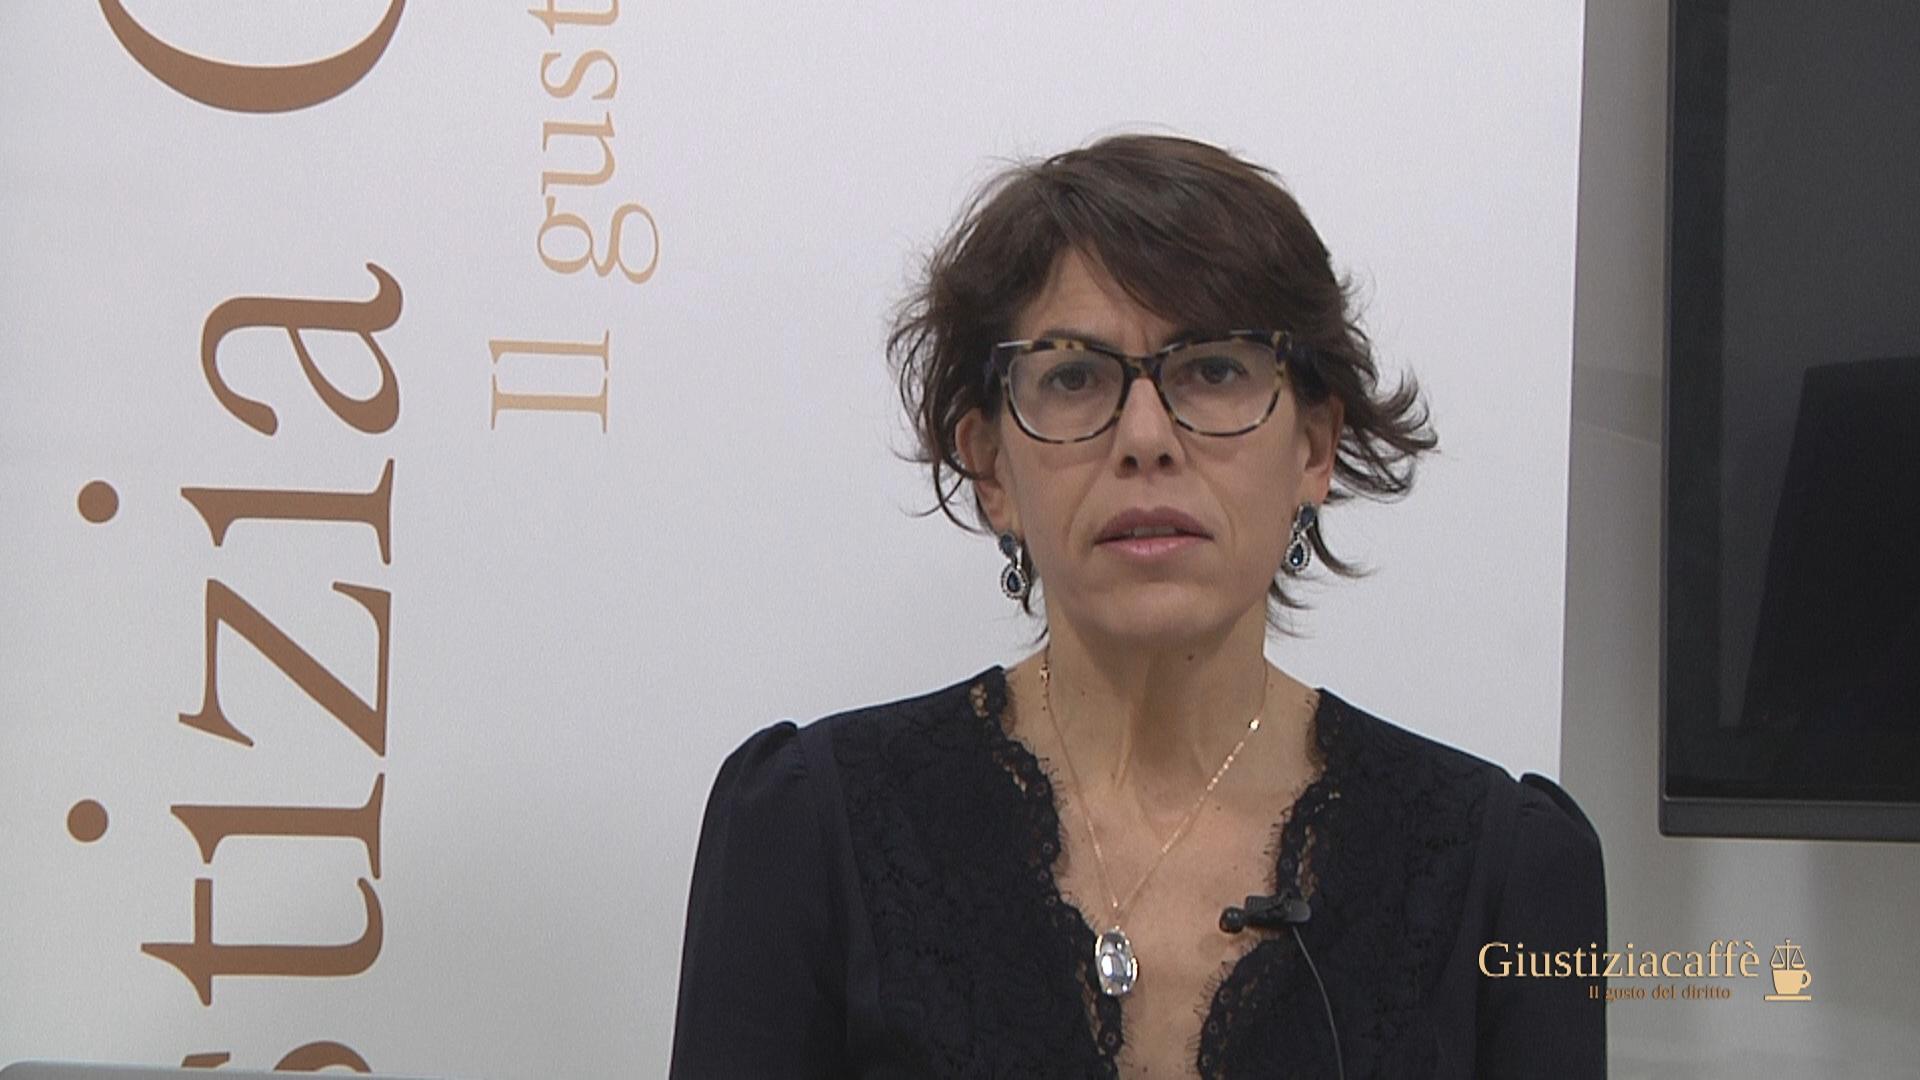 Francia-Italia, cantieri di giustizia. Daniela Piana, Professore di Scienza Politica all'Università di Bologna